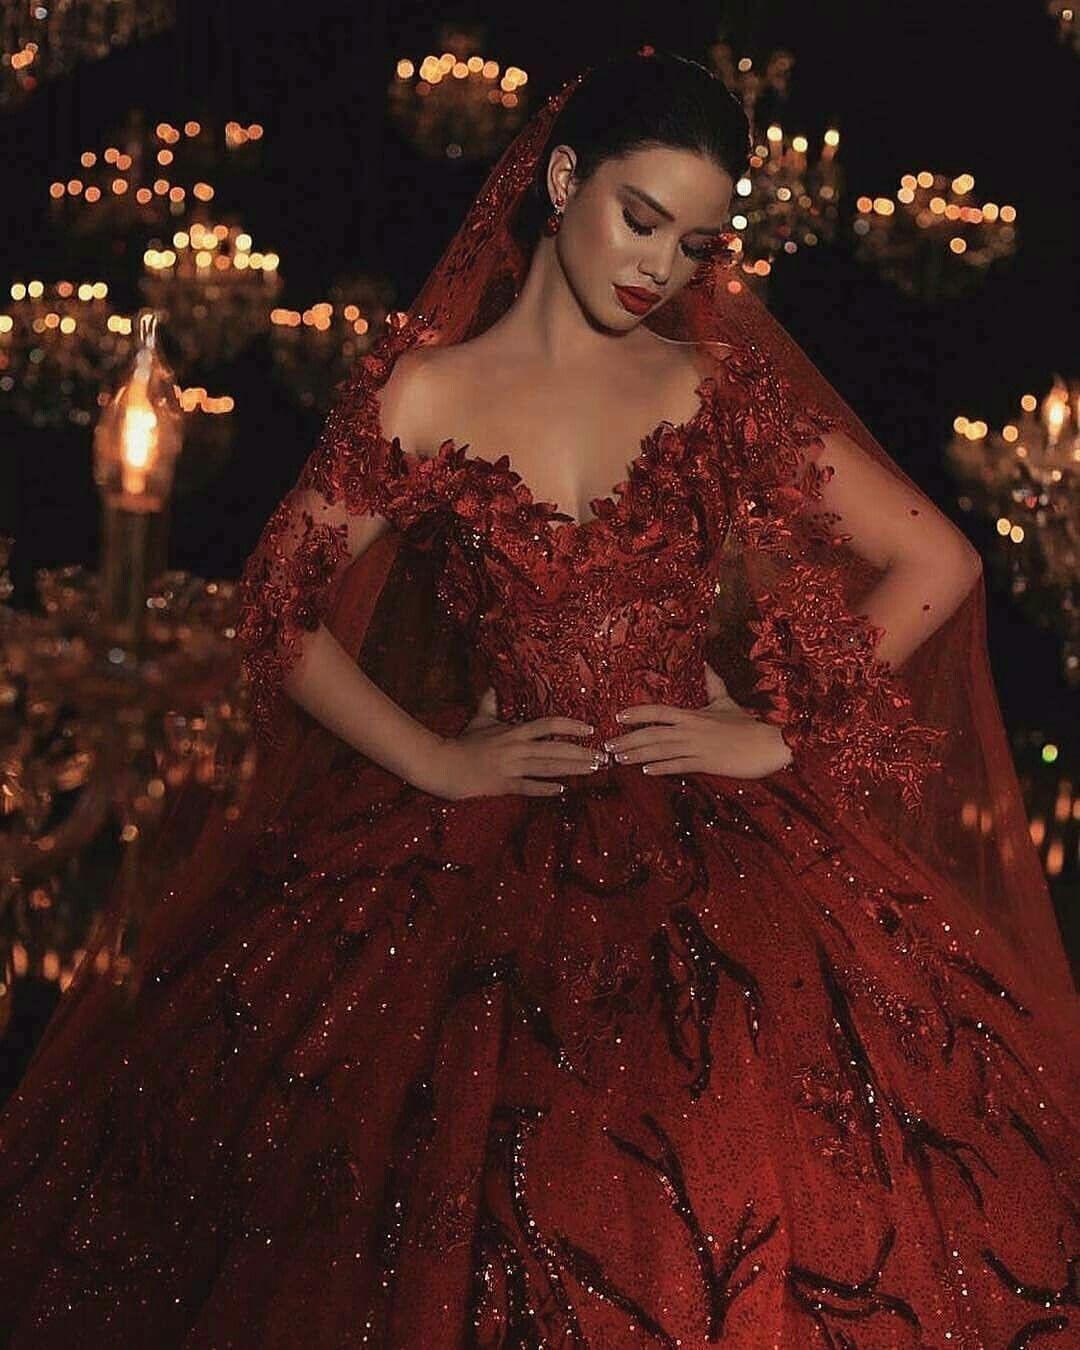 Designer Erstaunlich Rote Kleider Für Henna Abend Design15 Großartig Rote Kleider Für Henna Abend Spezialgebiet